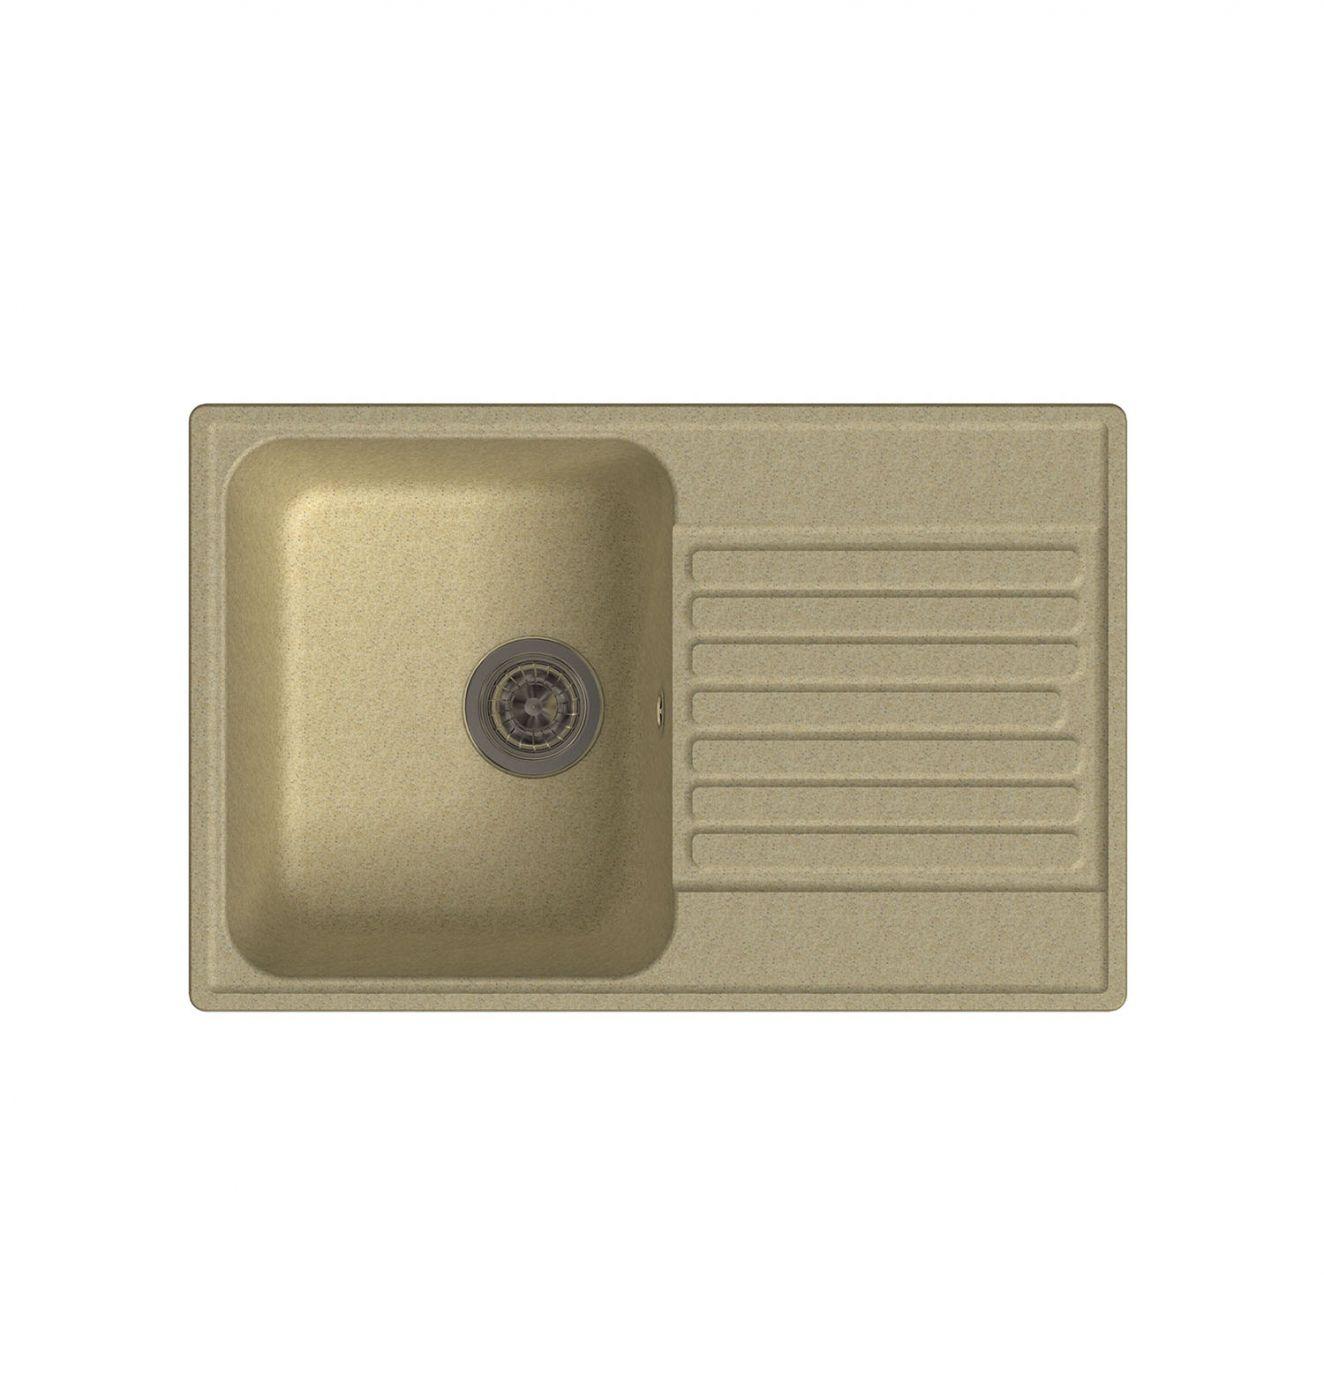 Врезная кухонная мойка LEX Geneva 740 Ivory 74х48см полимер RULE000022